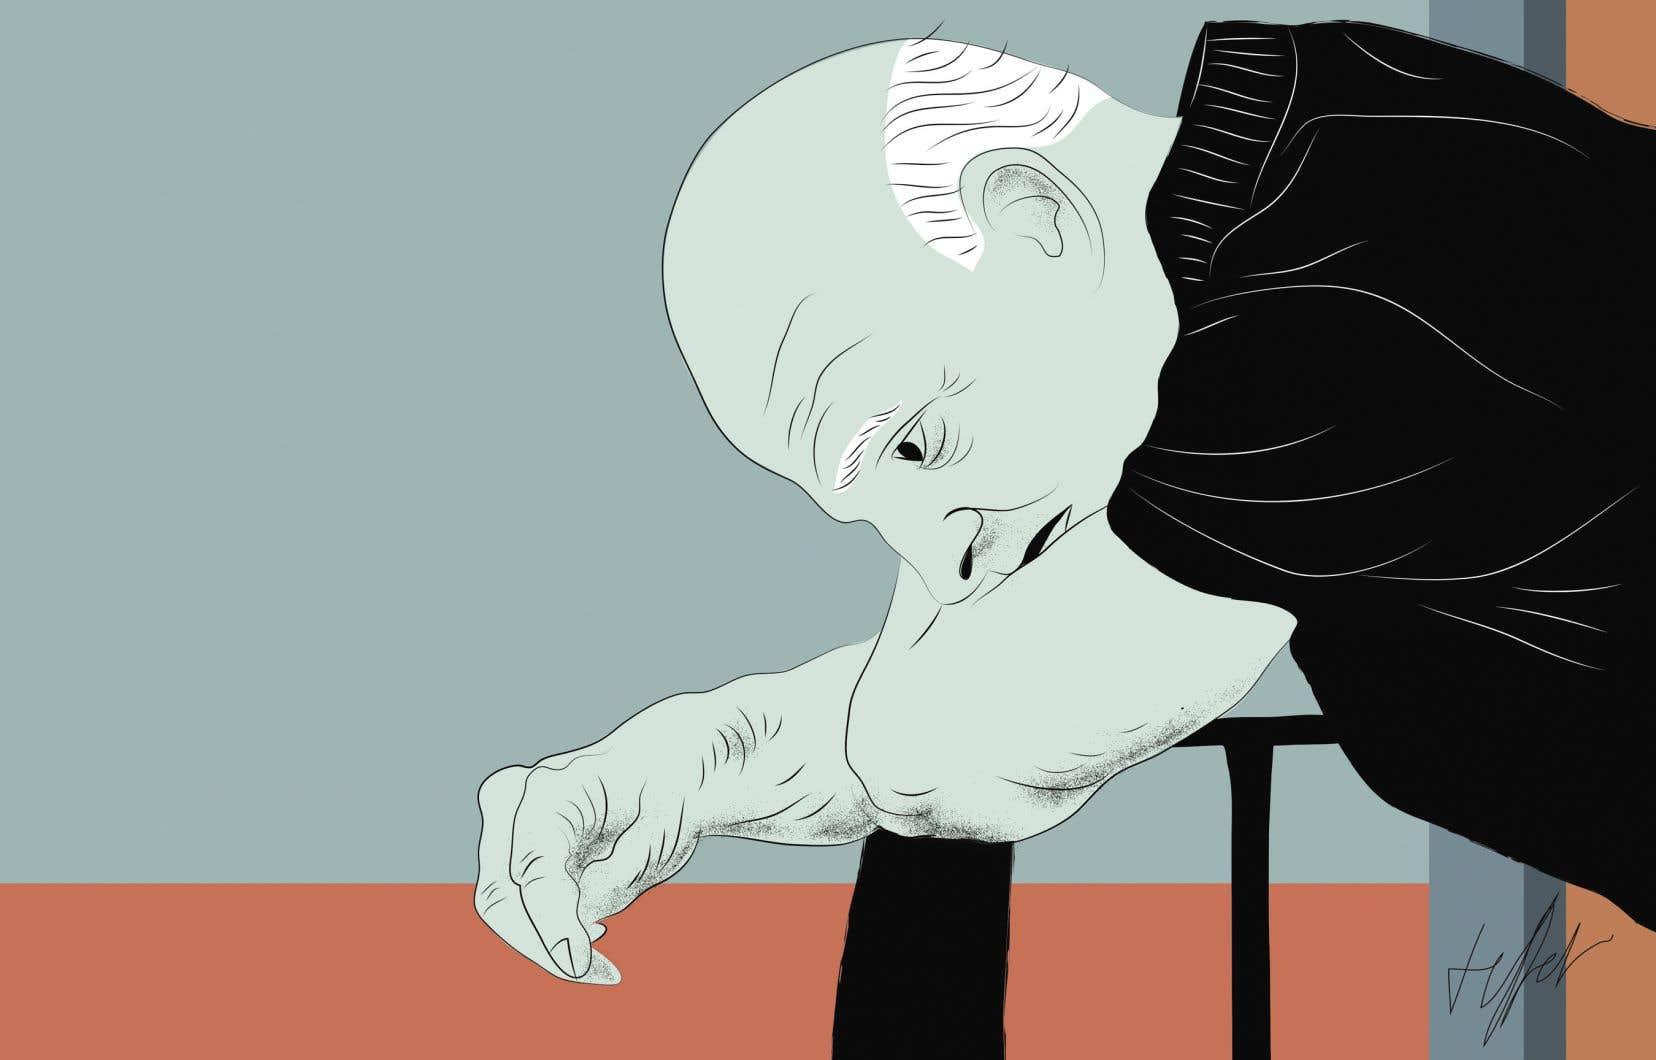 Quelle incidence le phénomène de la vieillesse a-t-il sur l'identité? Pour la philosophe existentialiste Simone de Beauvoir, l'existence précède l'essence. C'est-à-dire que notre identité se définit au fil de nos actions dans le monde, de notre praxis. Tout est à construire.